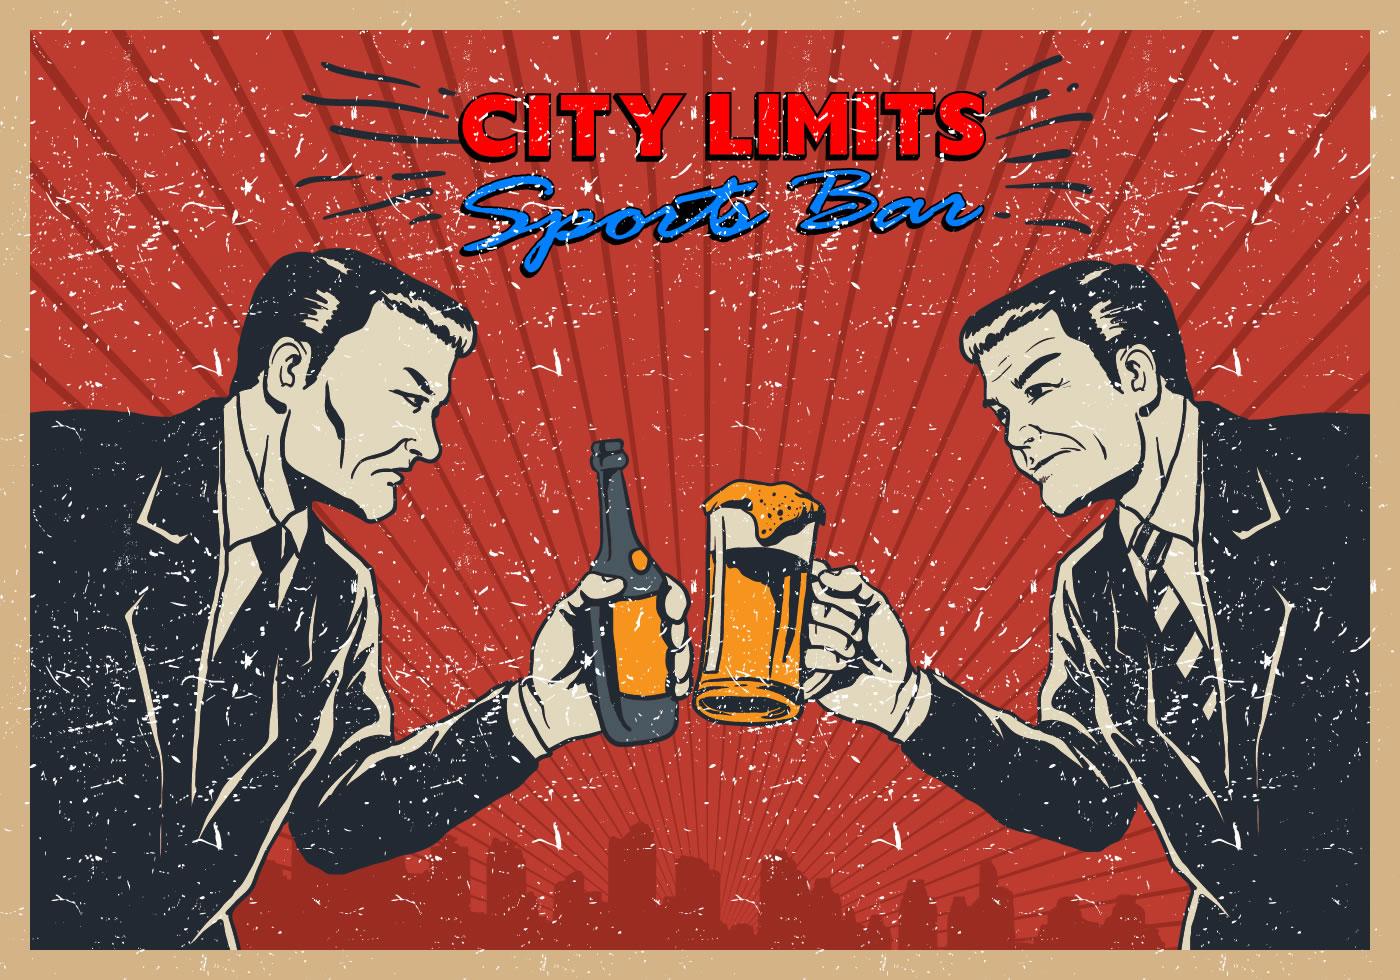 Draft Beer City Limits Sports Bar Florida